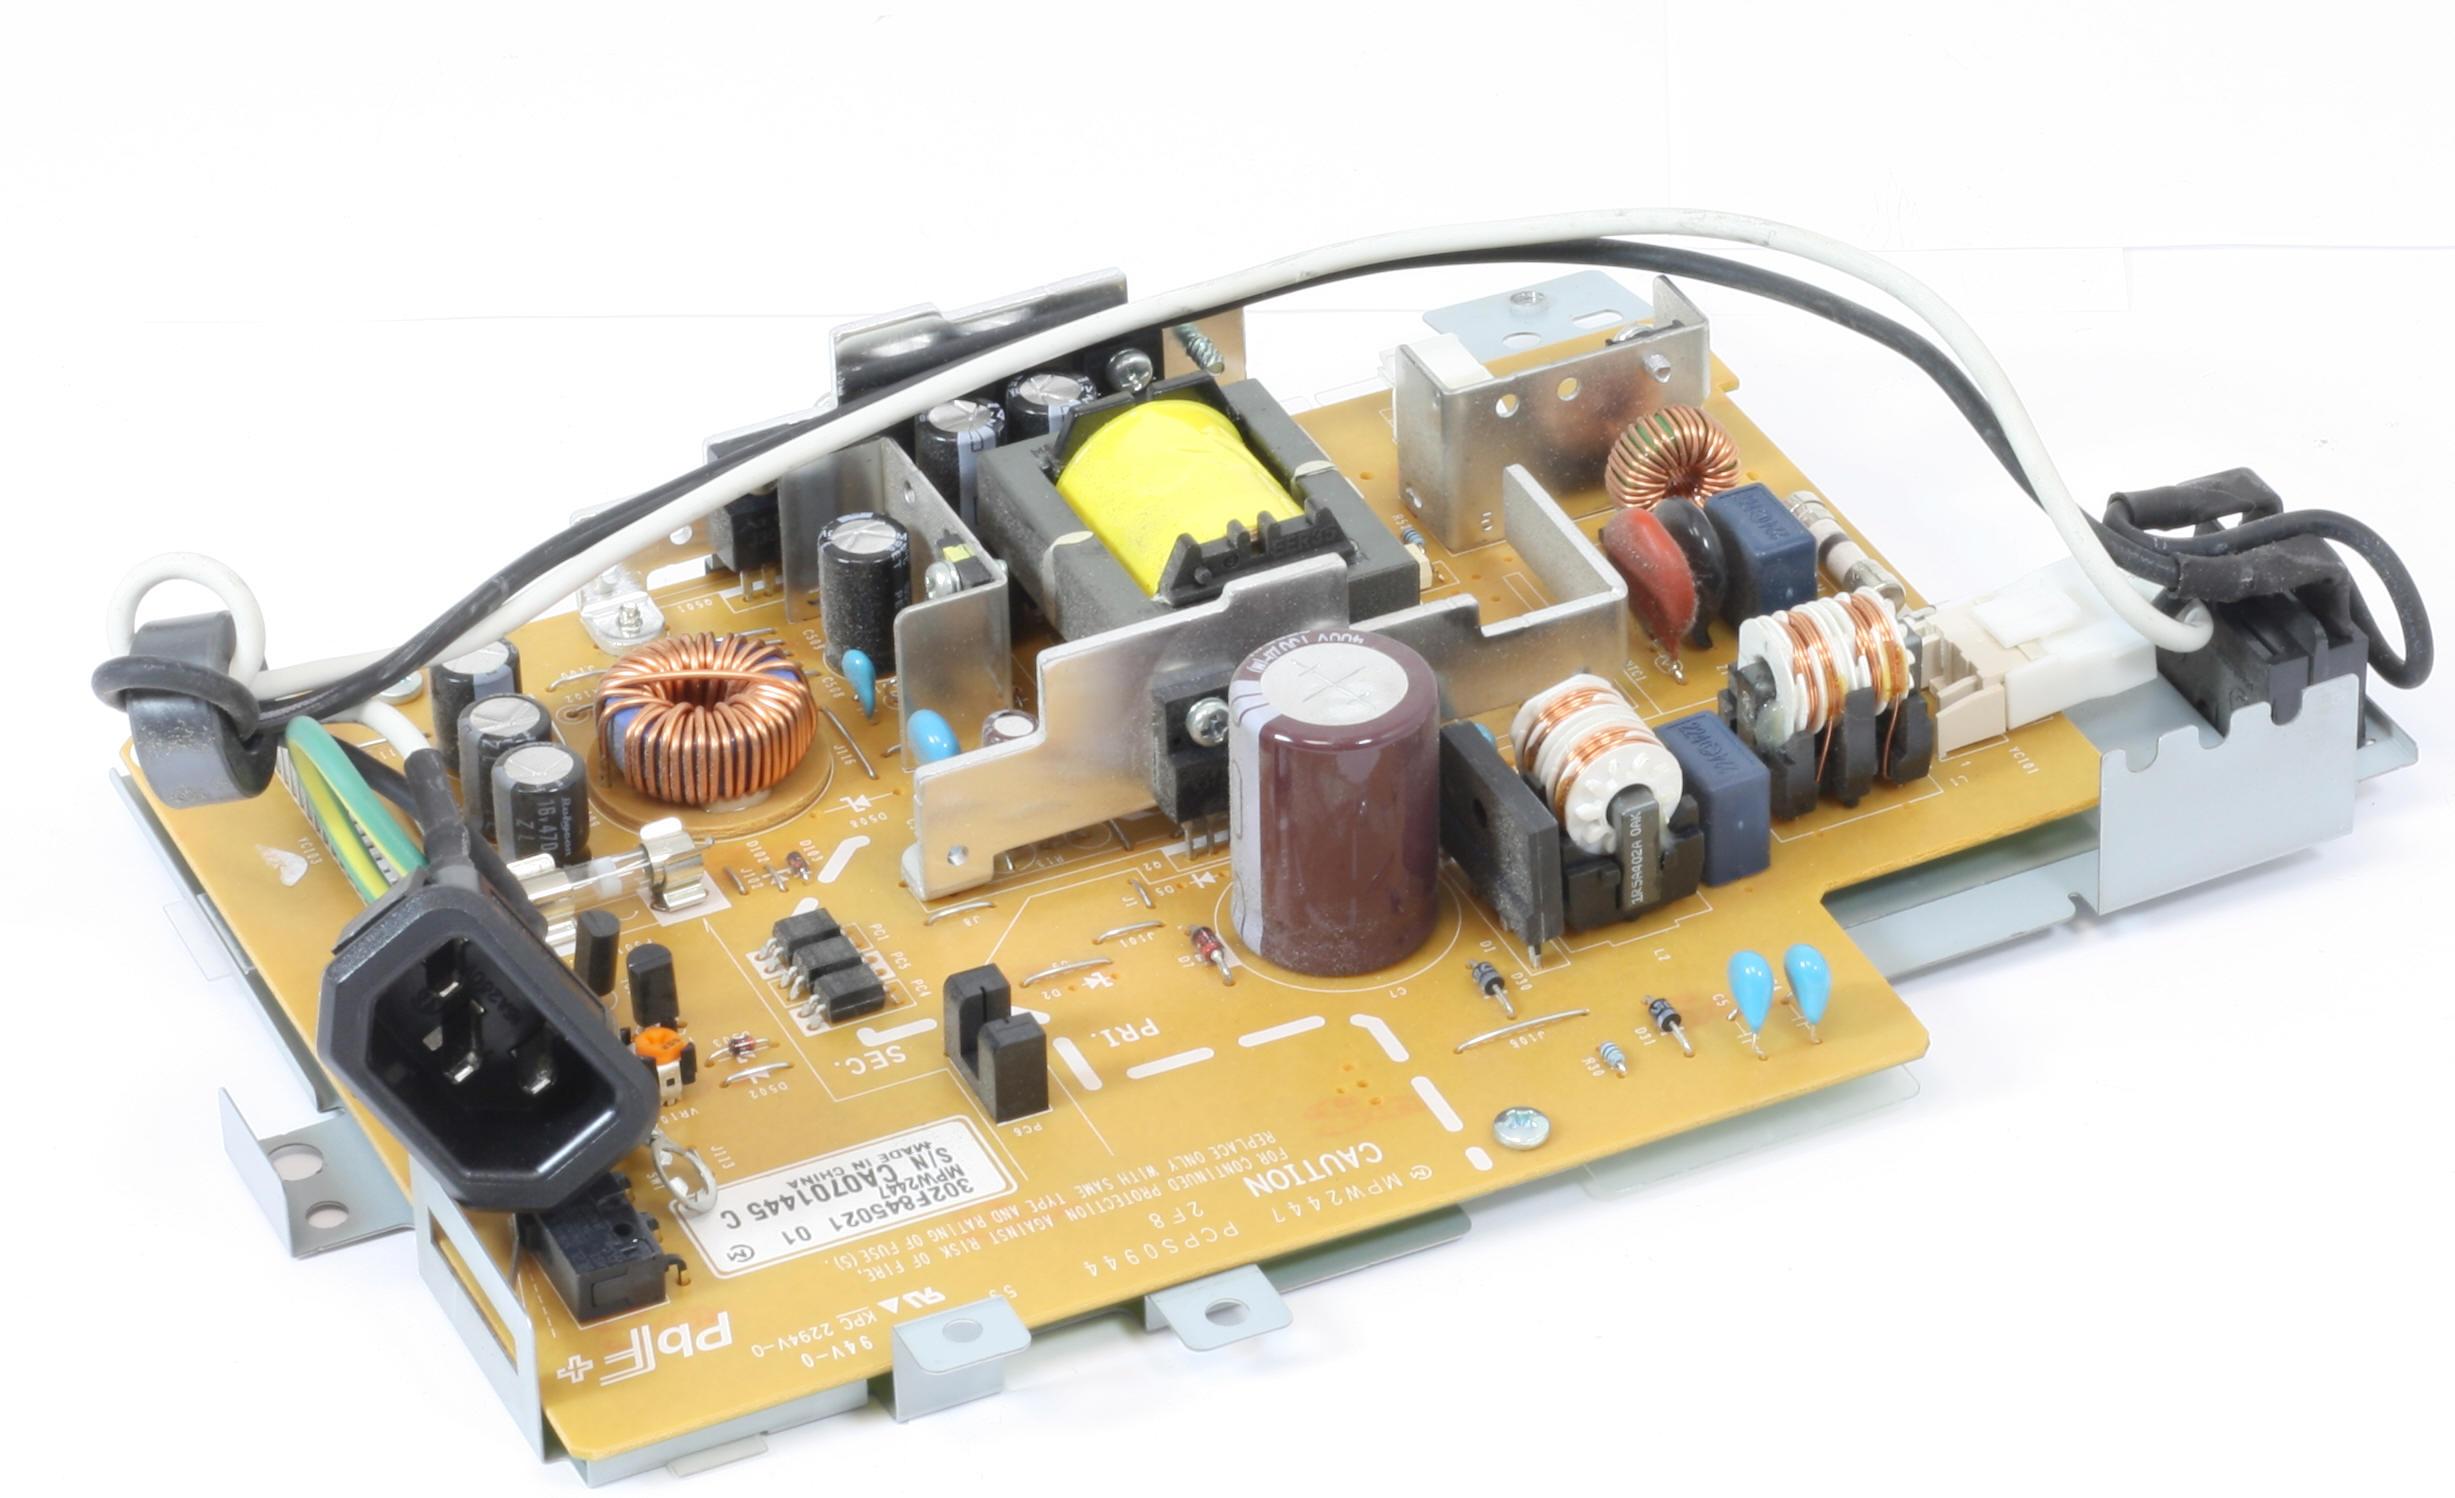 Kyocera Netzteil 302F845021 POWER SUPPLY für FS-2020 FS-2020N gebraucht